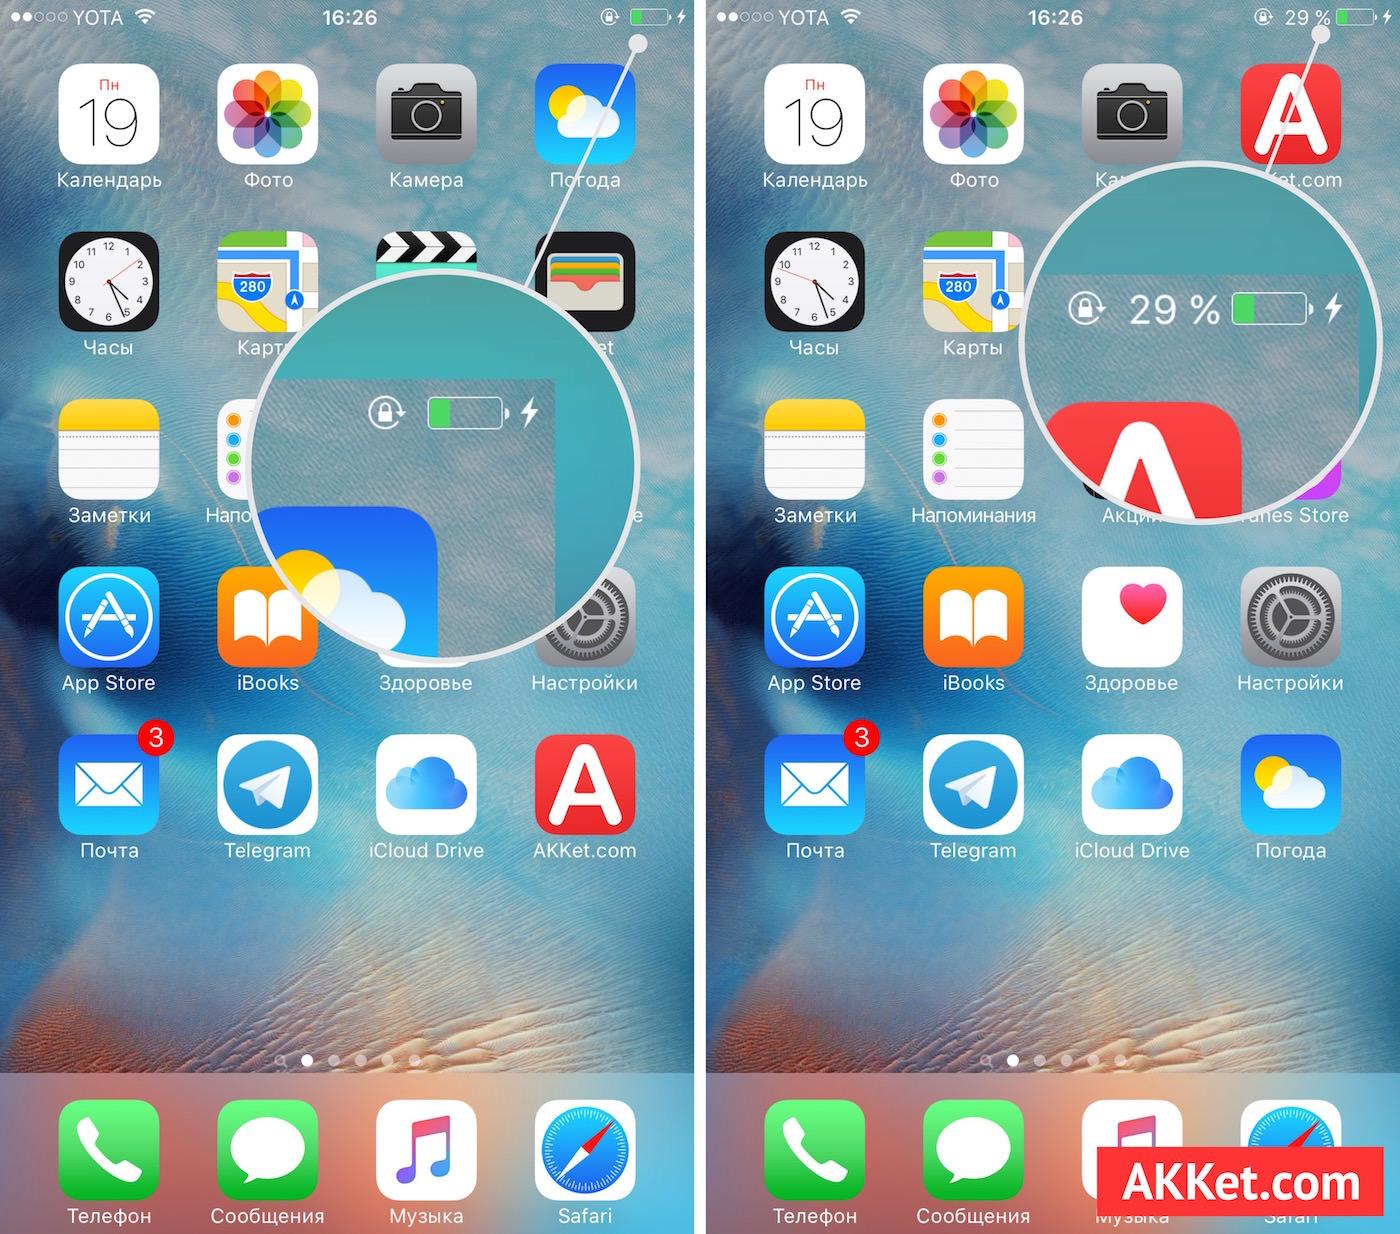 iOS Zoom заряд в процентах батарея аккумулятор 2 iOS 6 iOS 5 iOS 4 iOS 3 iOS 7 iOS 8 iOS 9 iOS 10 Apple 2